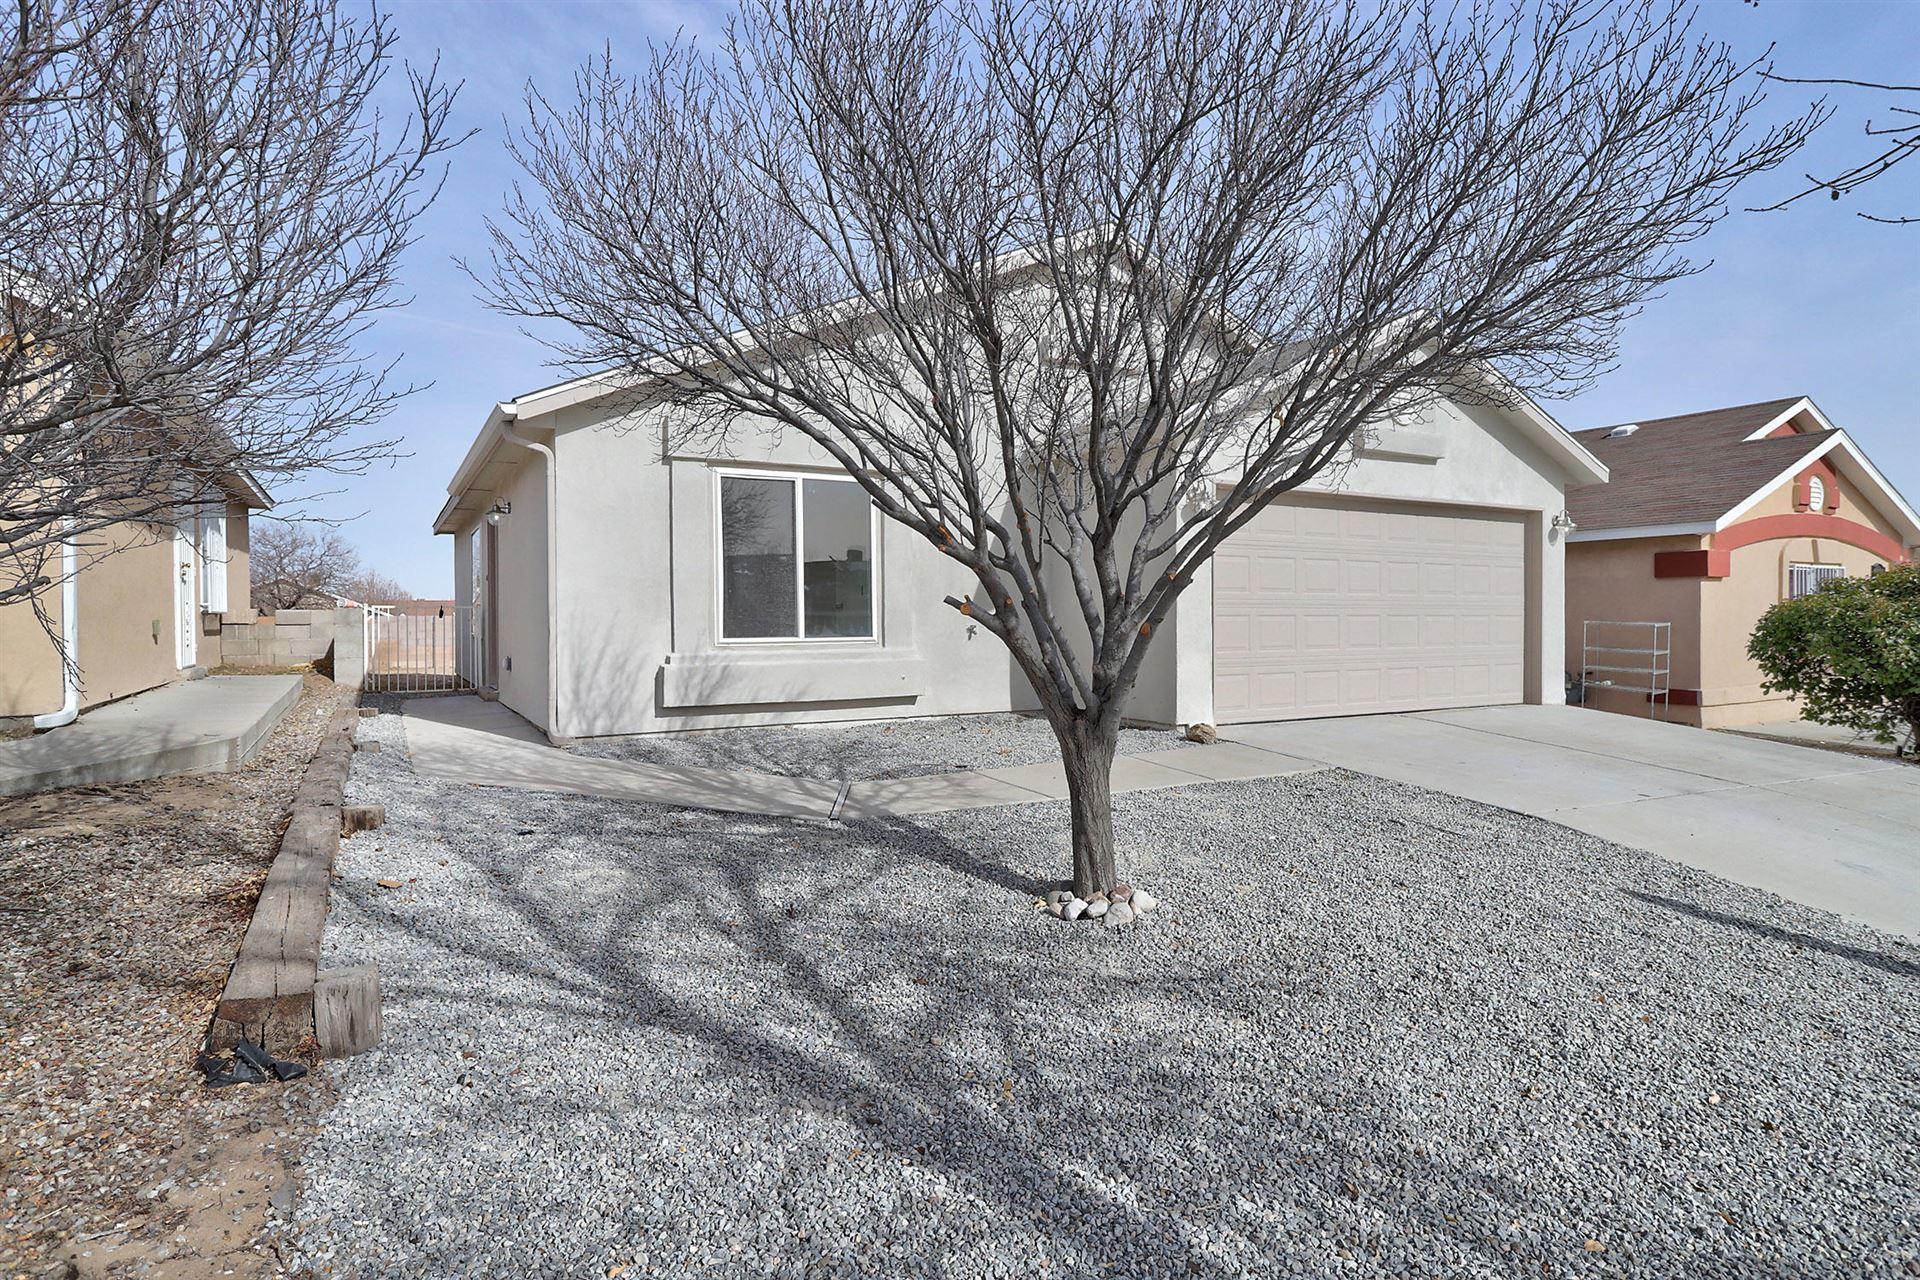 9105 SKYLIGHT Avenue SW, Albuquerque, NM 87121 - MLS#: 983882